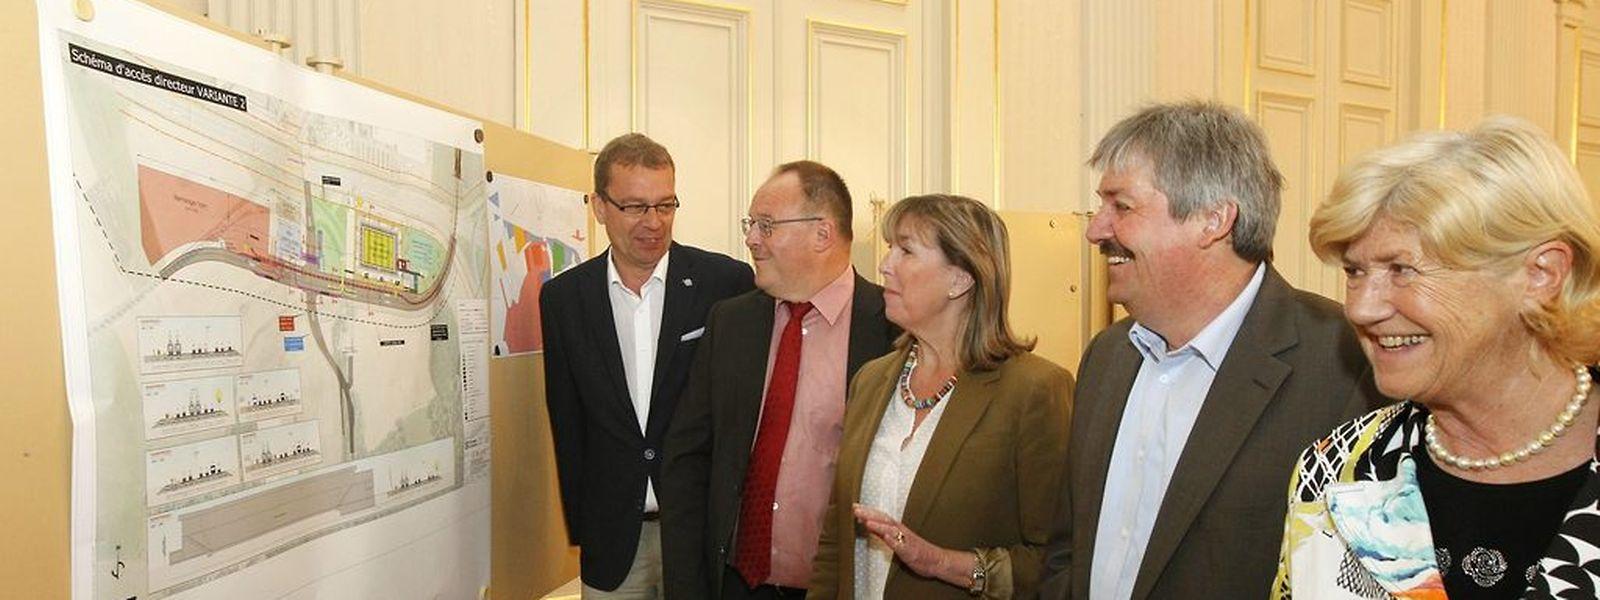 Camille Gira, Romain Schneider, Lydie Polfer, Paul Phillipp, Simone Beissel (v. l. n. r.) bei der Pressekonferenz.